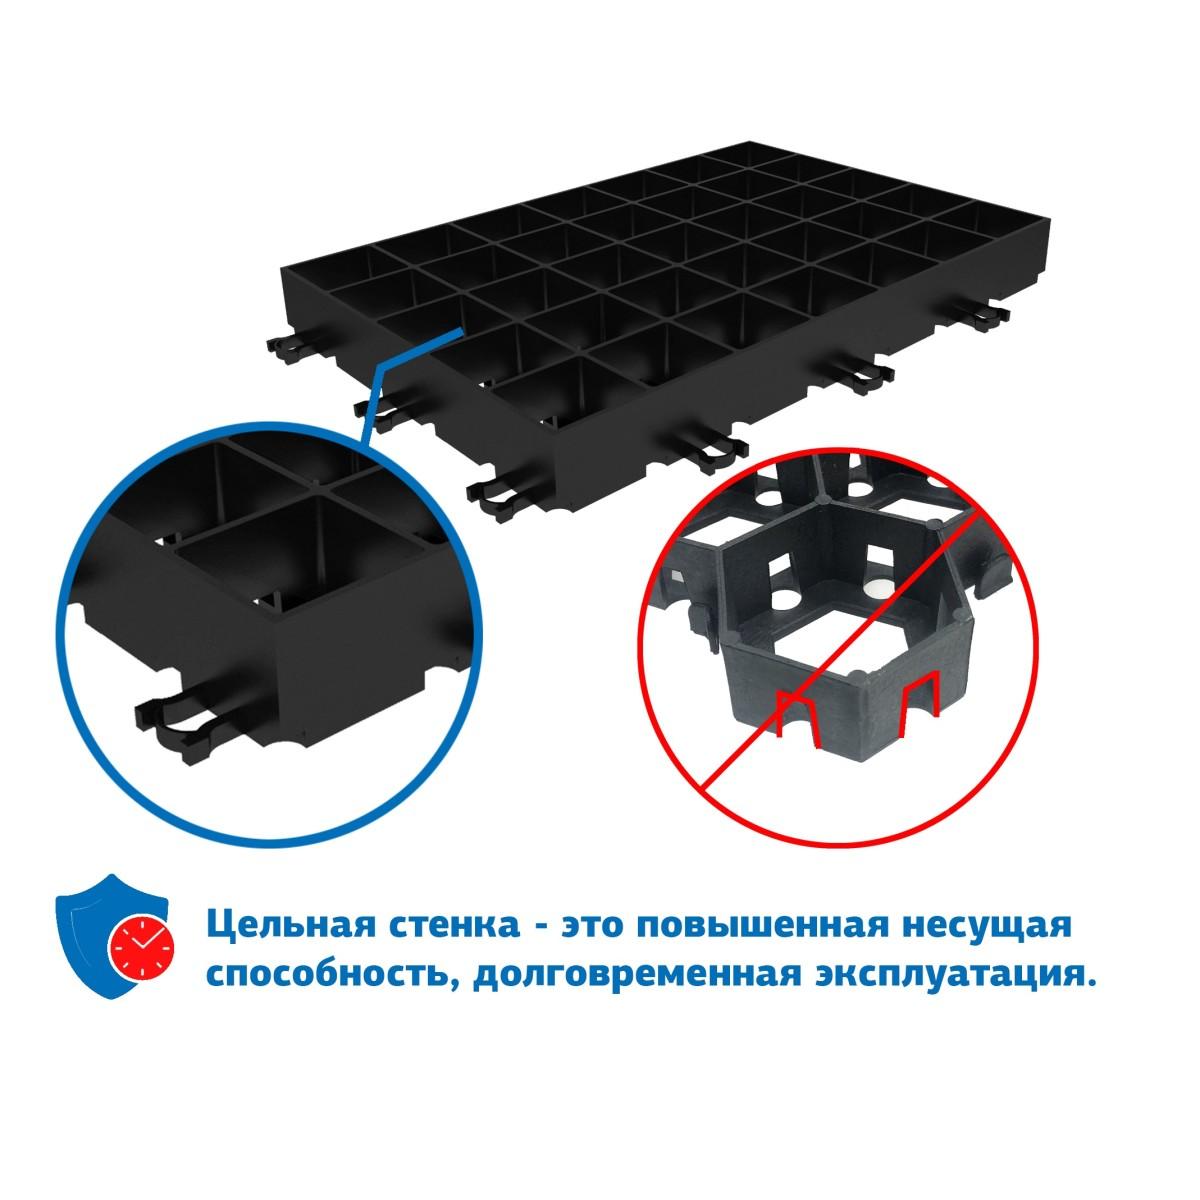 Решетка газонная Gidrolica Eco Super 60x40x6.4 см D400 цвет черный